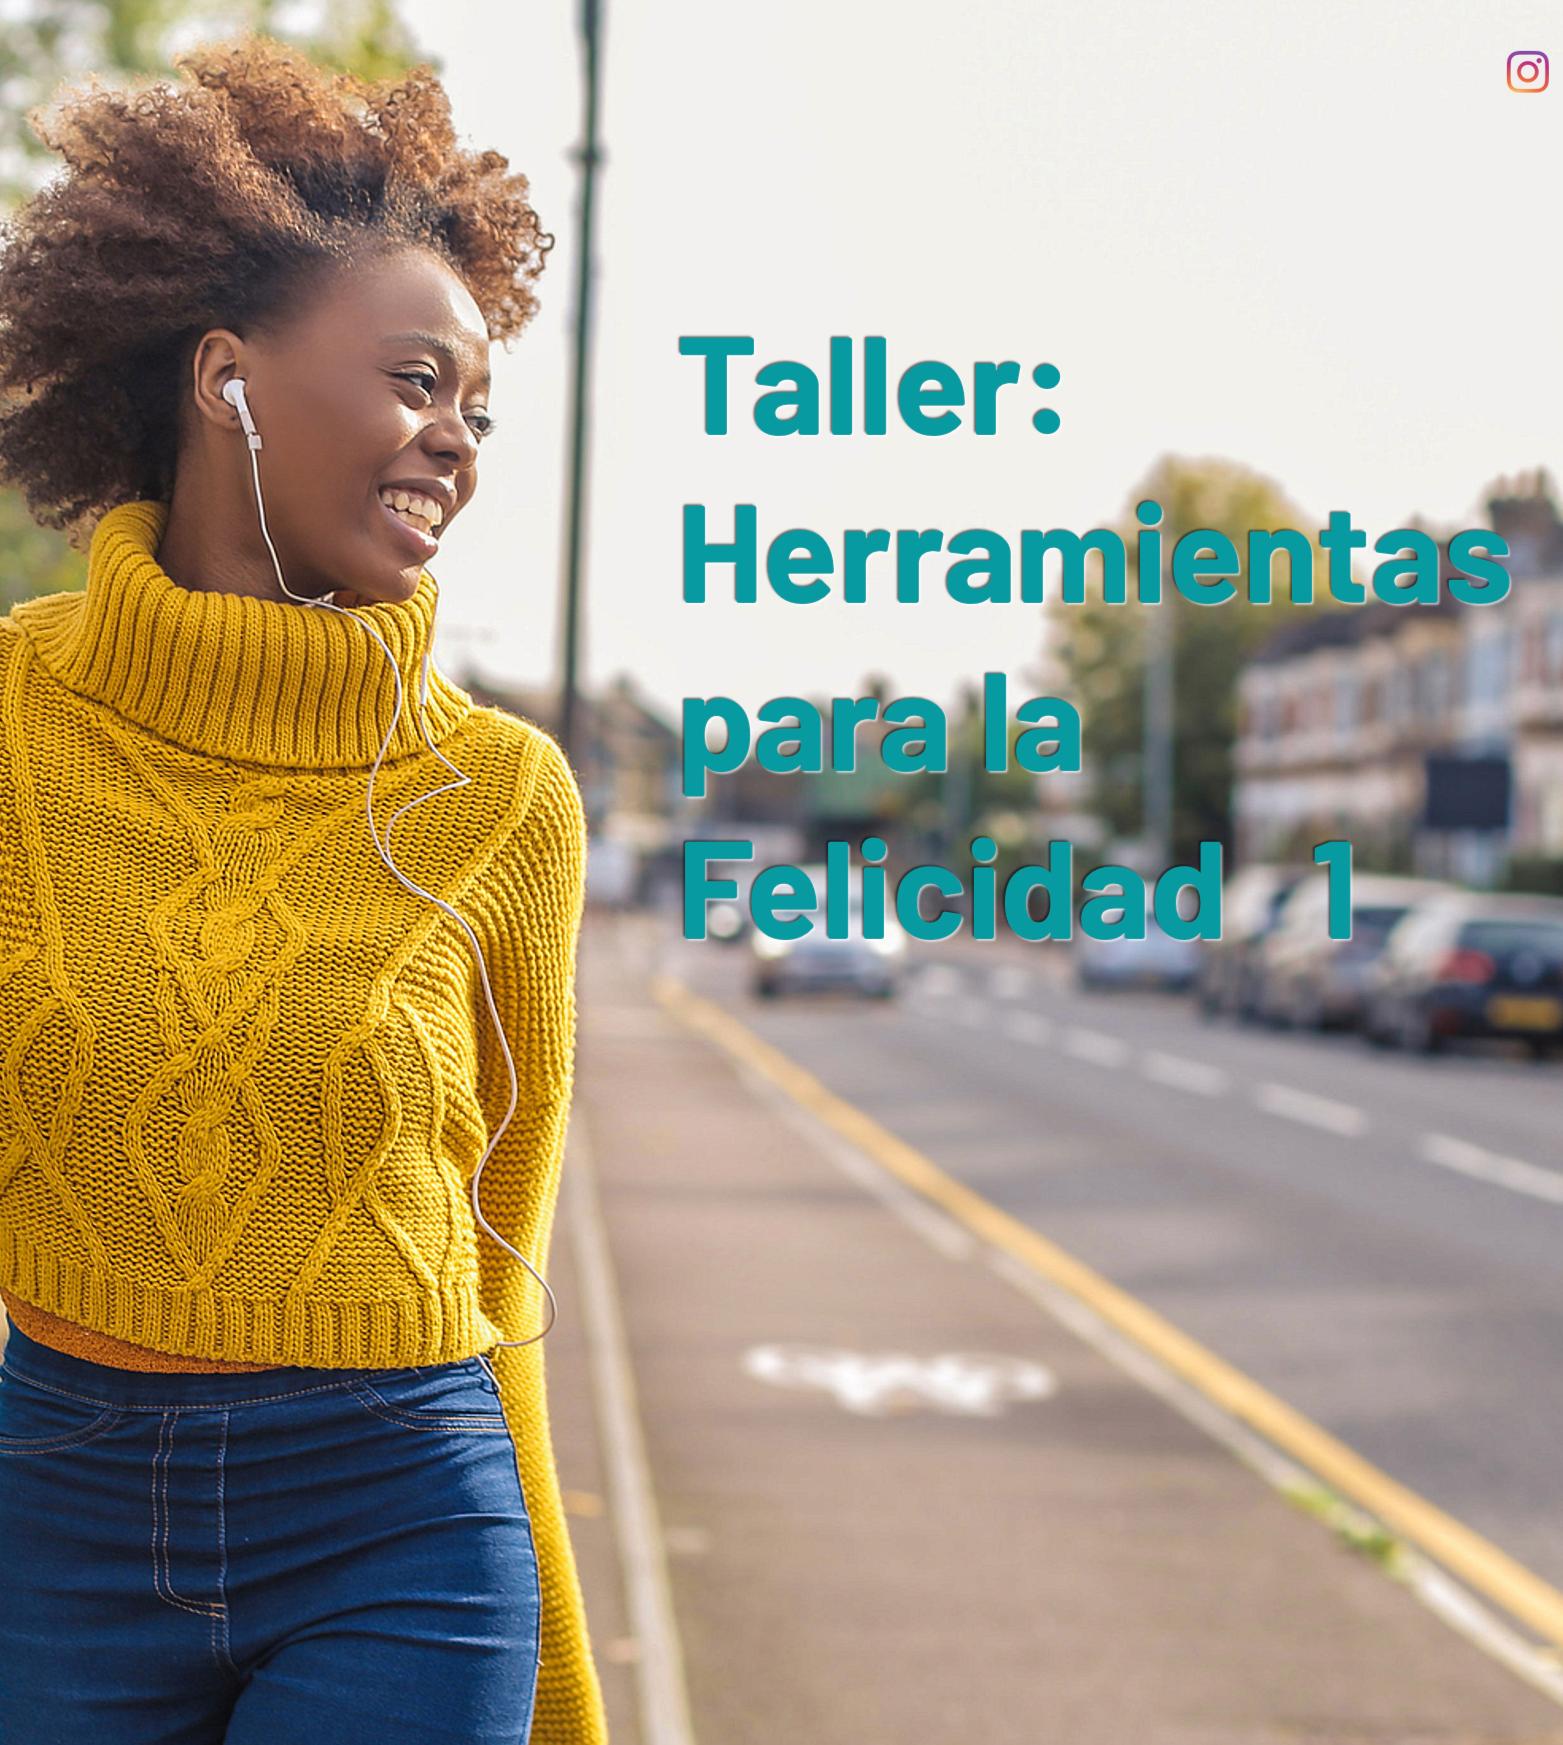 Copy of Herramientas para la Felicidad 2a parte